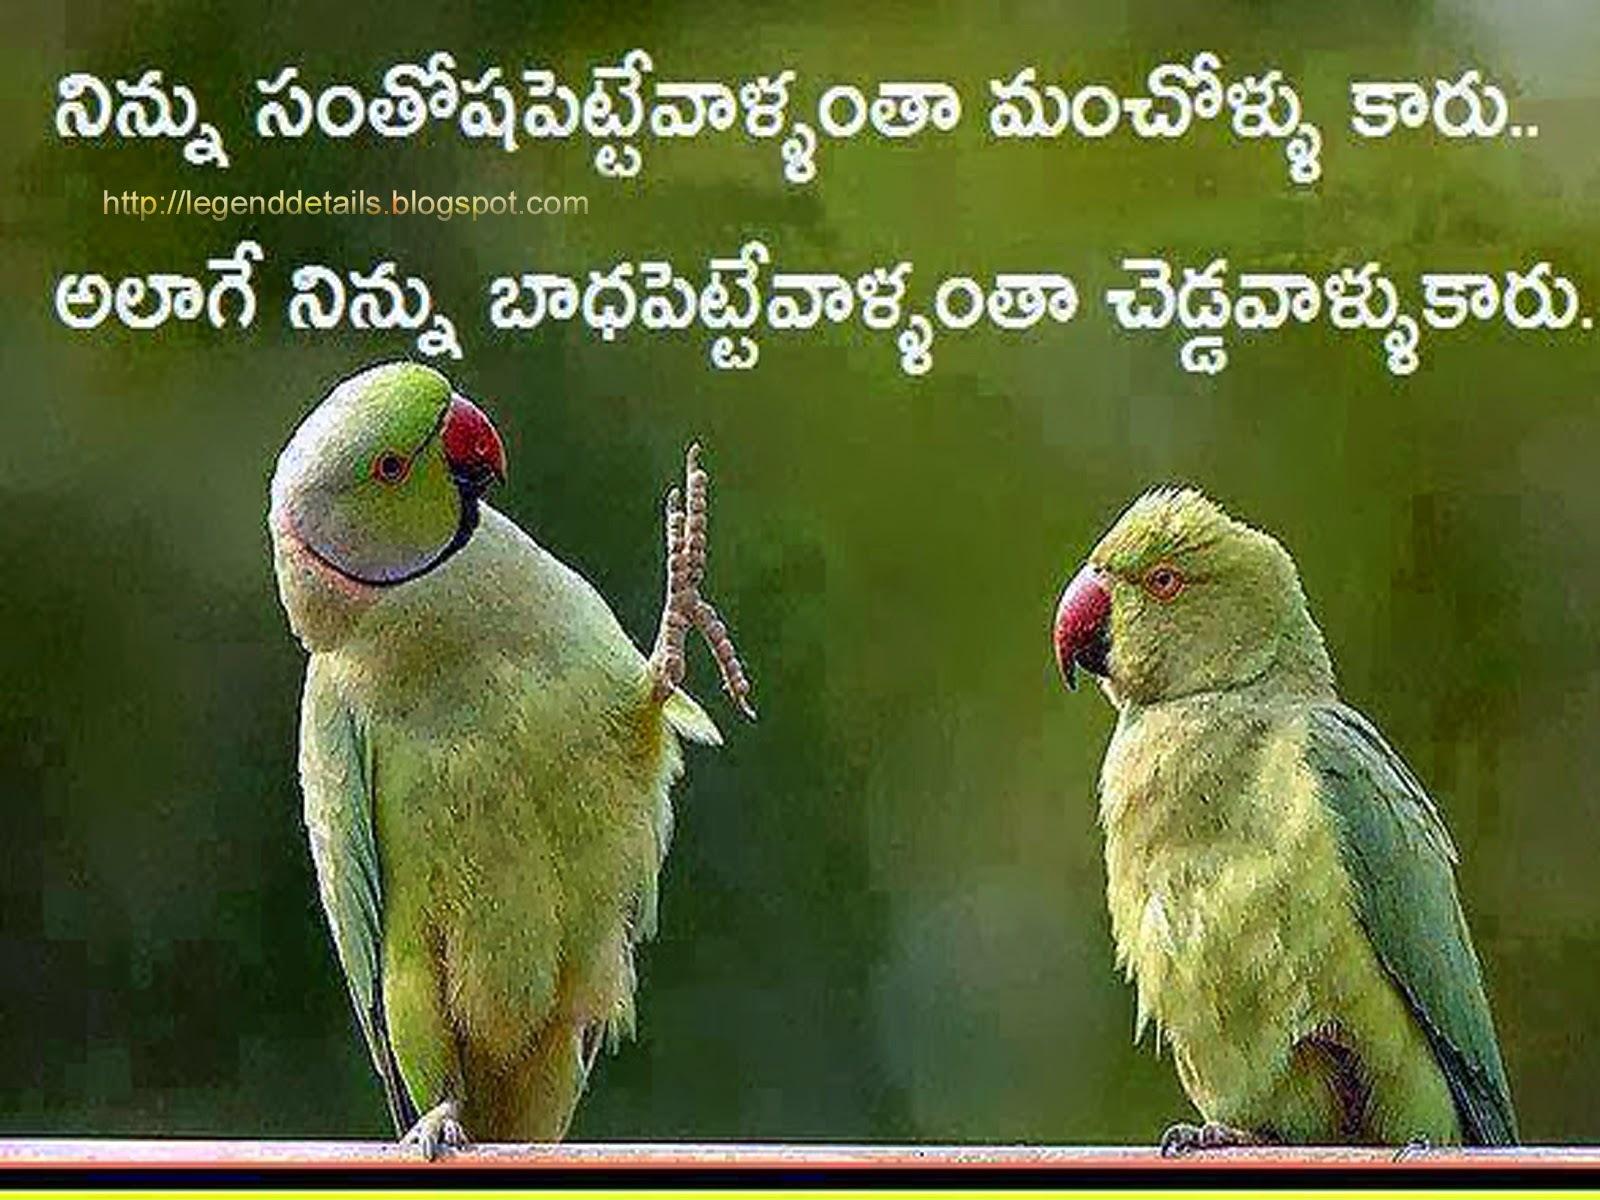 Amazing Life Quotes In Telugu Legendary Quotes